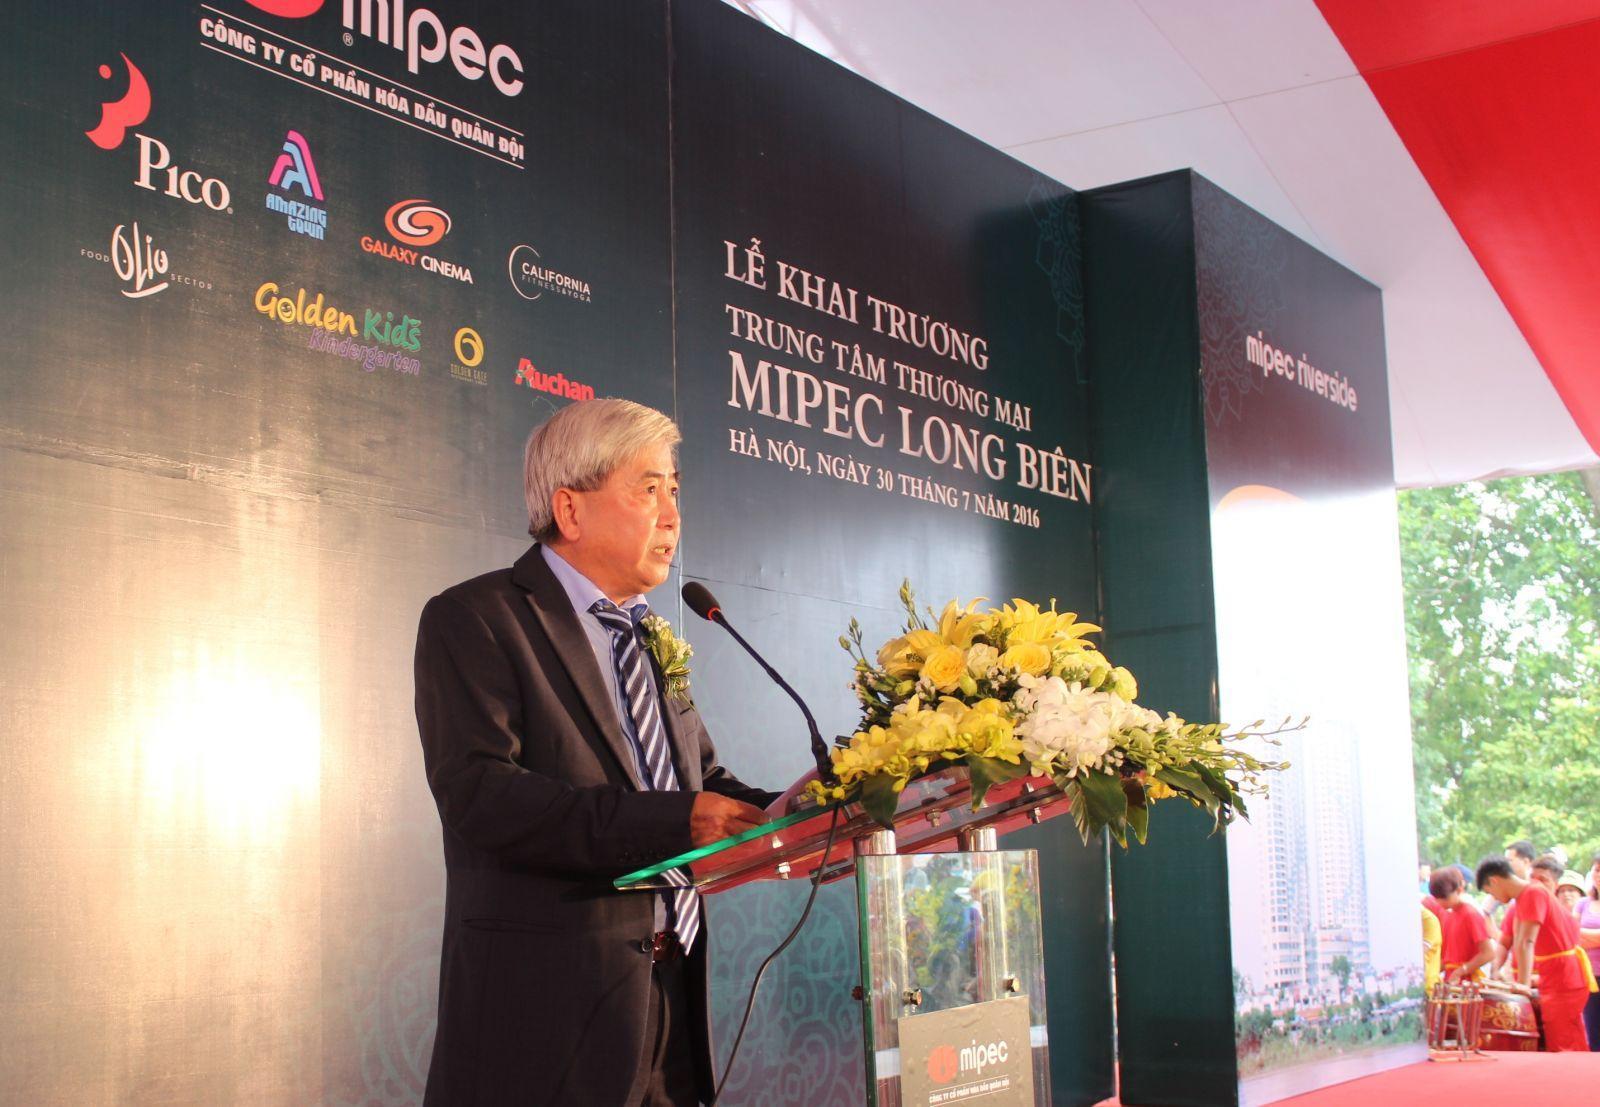 Khai trương trung tâm thương mại MipecLong Biên